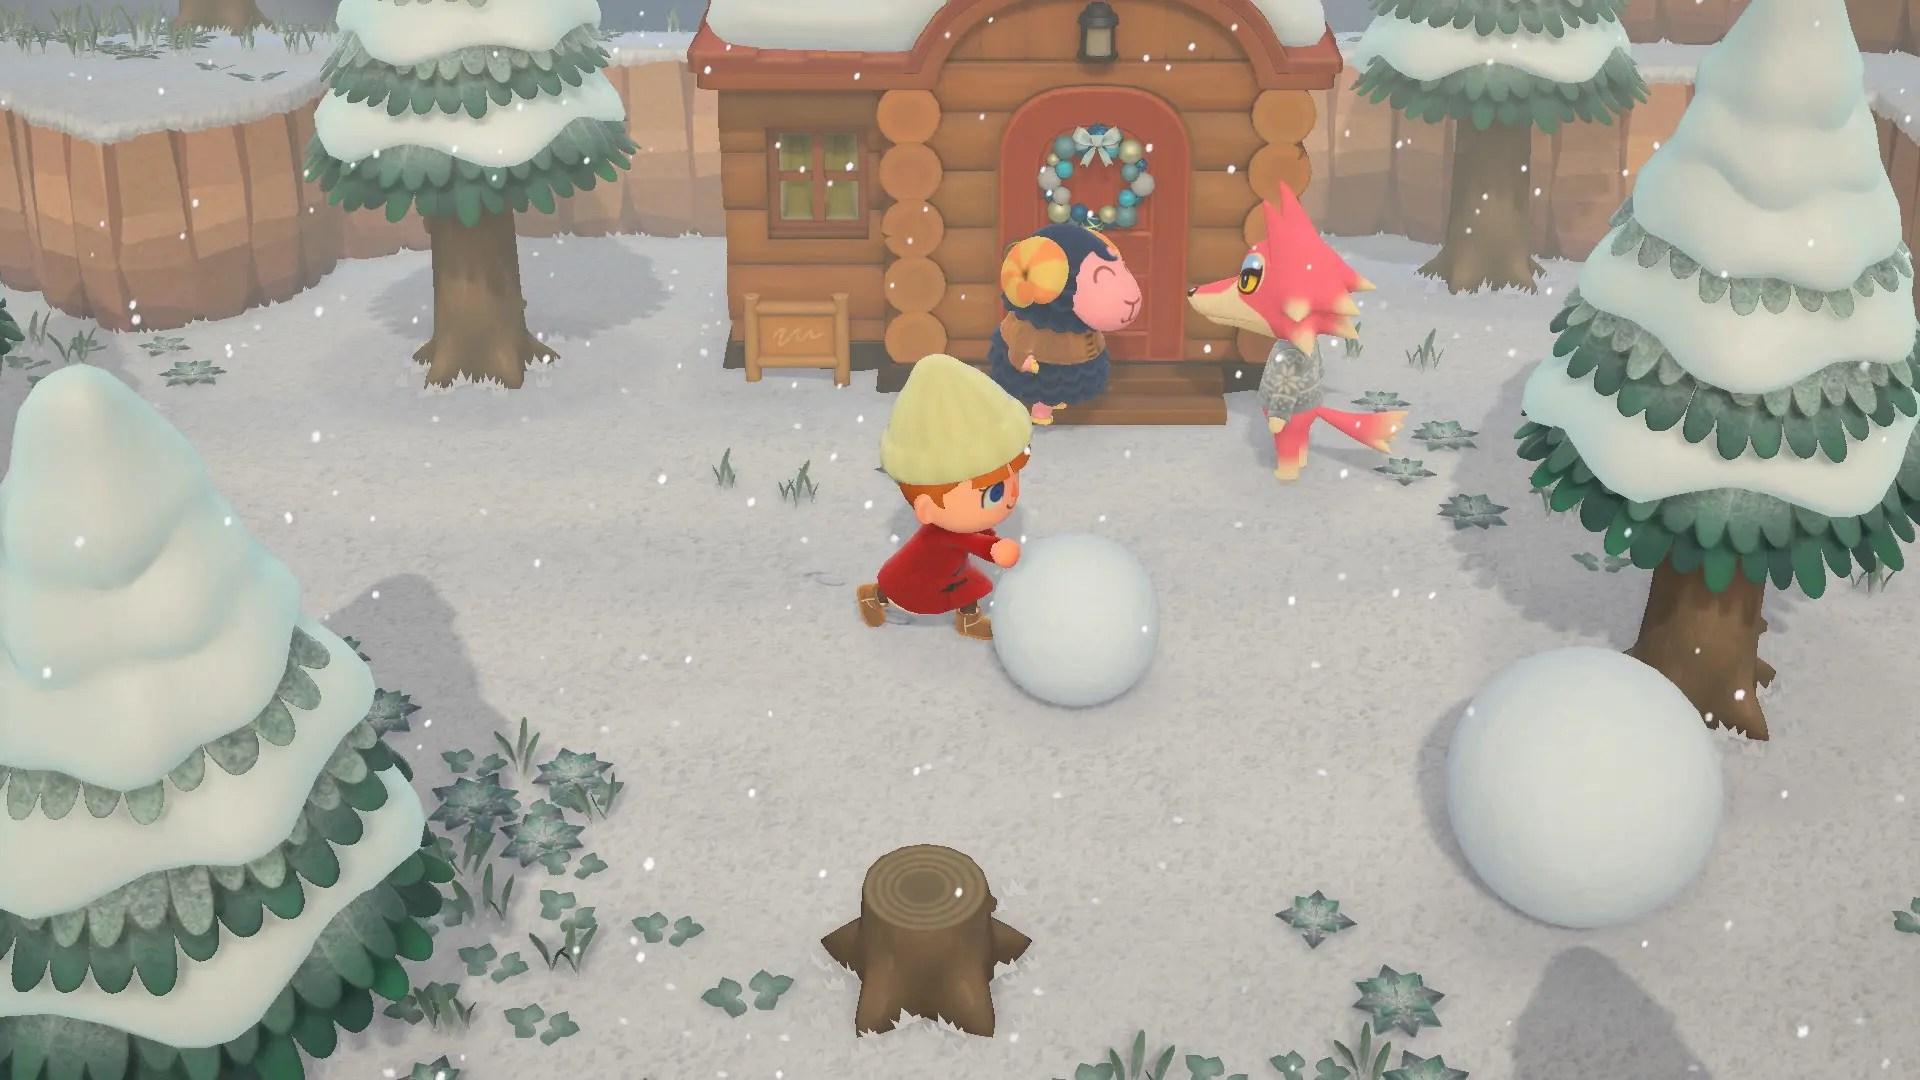 Animal Crossing: New Horizons E3 2019 Screenshot 9